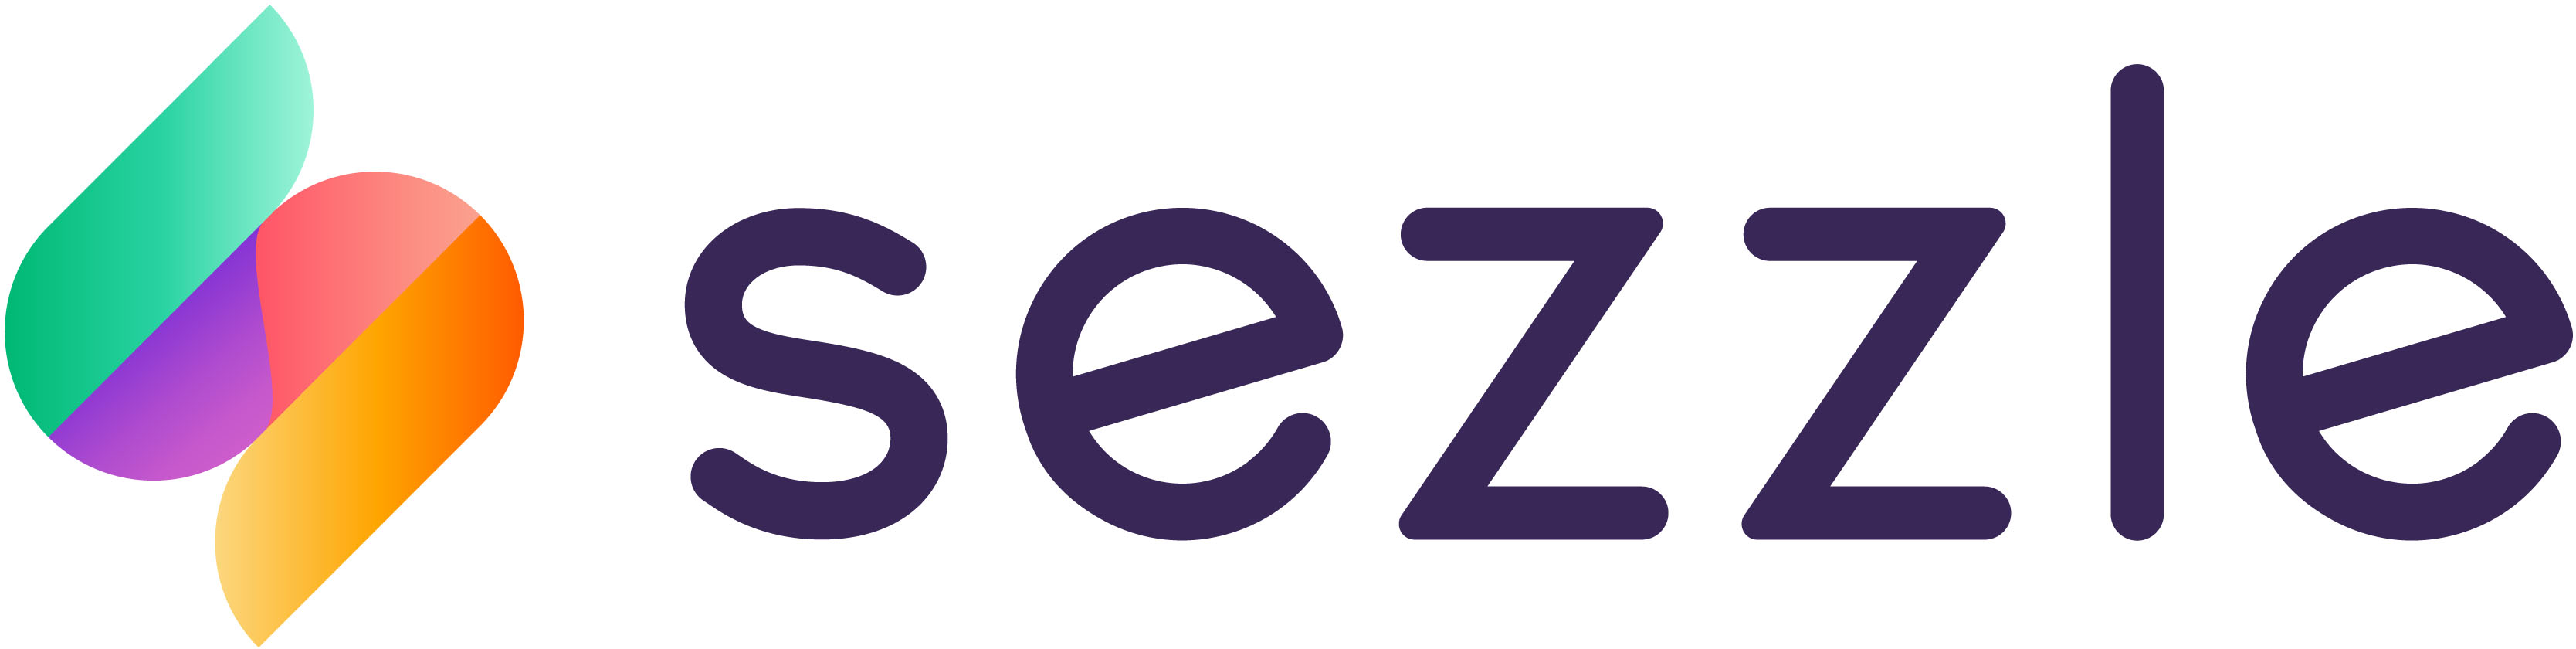 Sezzle Inc.